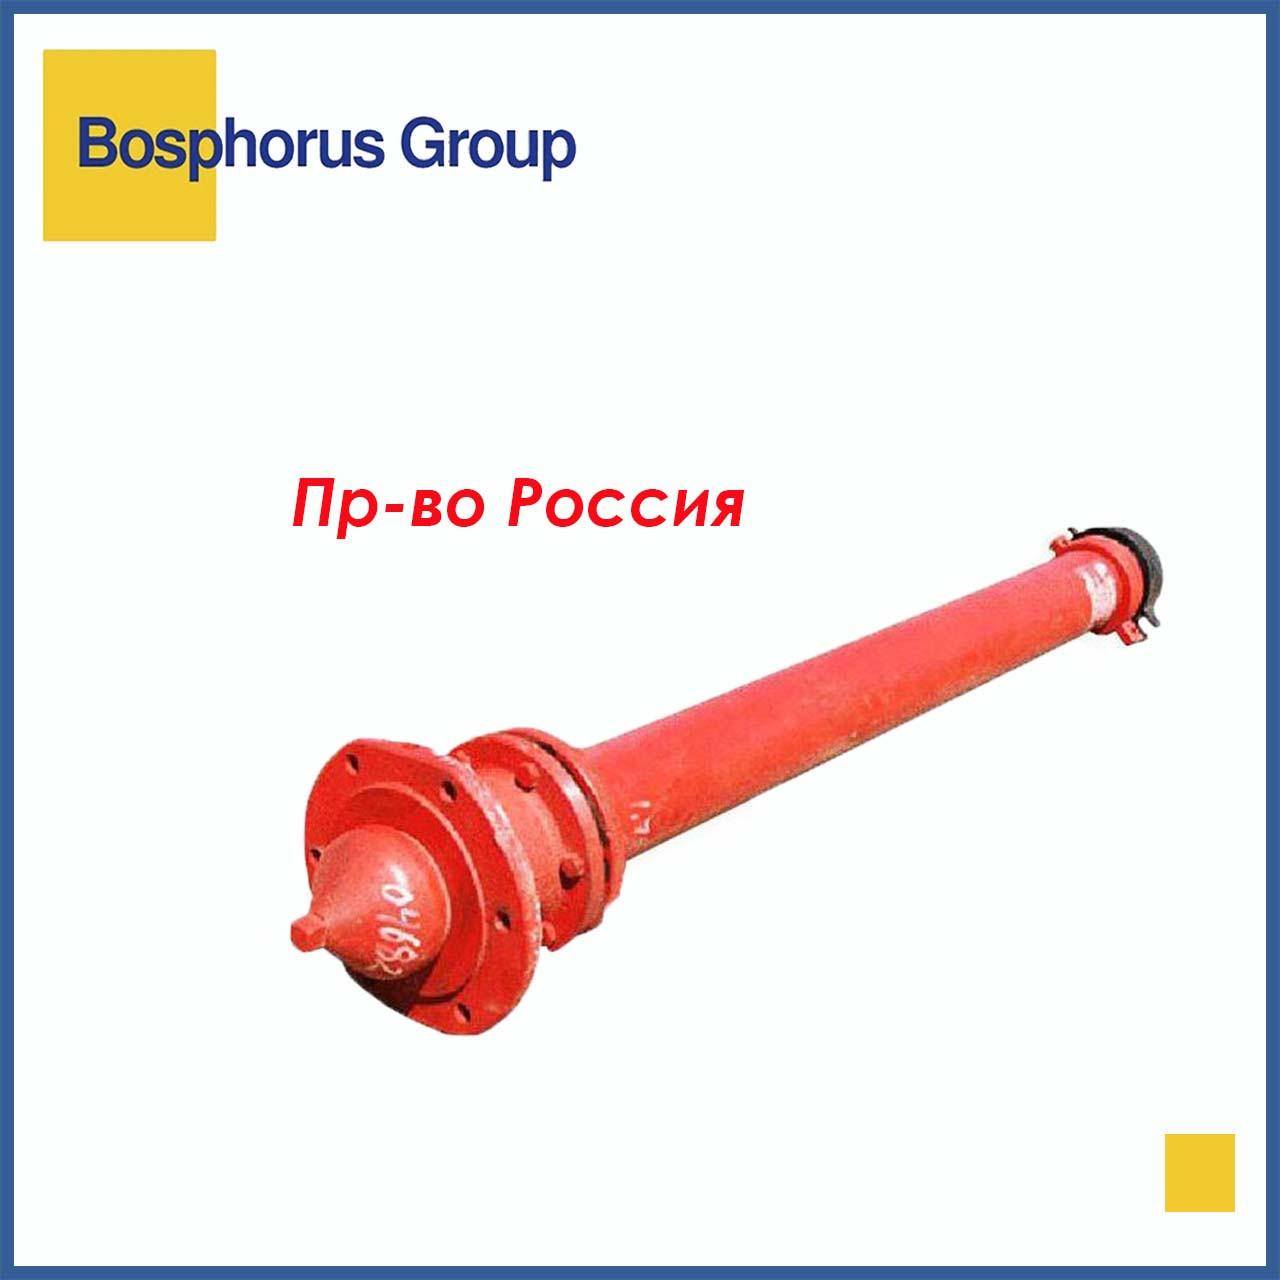 Пожарный гидрант стальной 3,0 м., подземный (Россия)